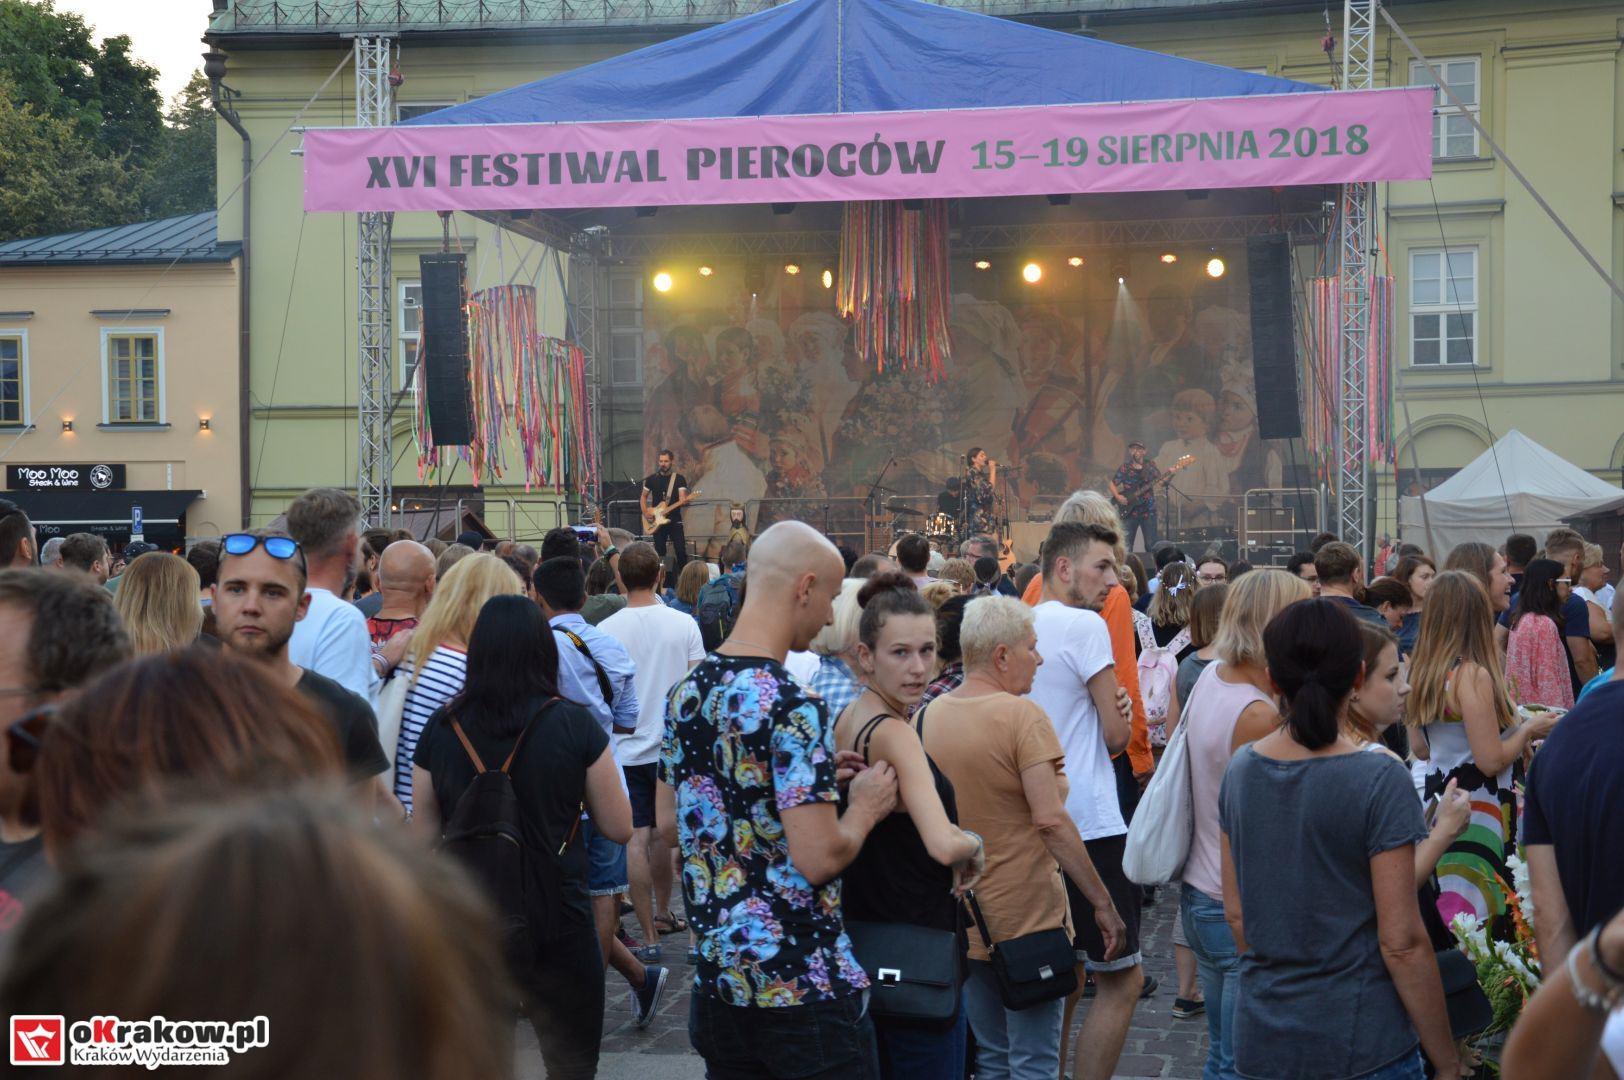 krakow festiwal pierogow maly rynek koncert cheap tobacco 139 150x150 - Galeria zdjęć Festiwal Pierogów Kraków 2018 + zdjęcia z koncertu Cheap Tobacco